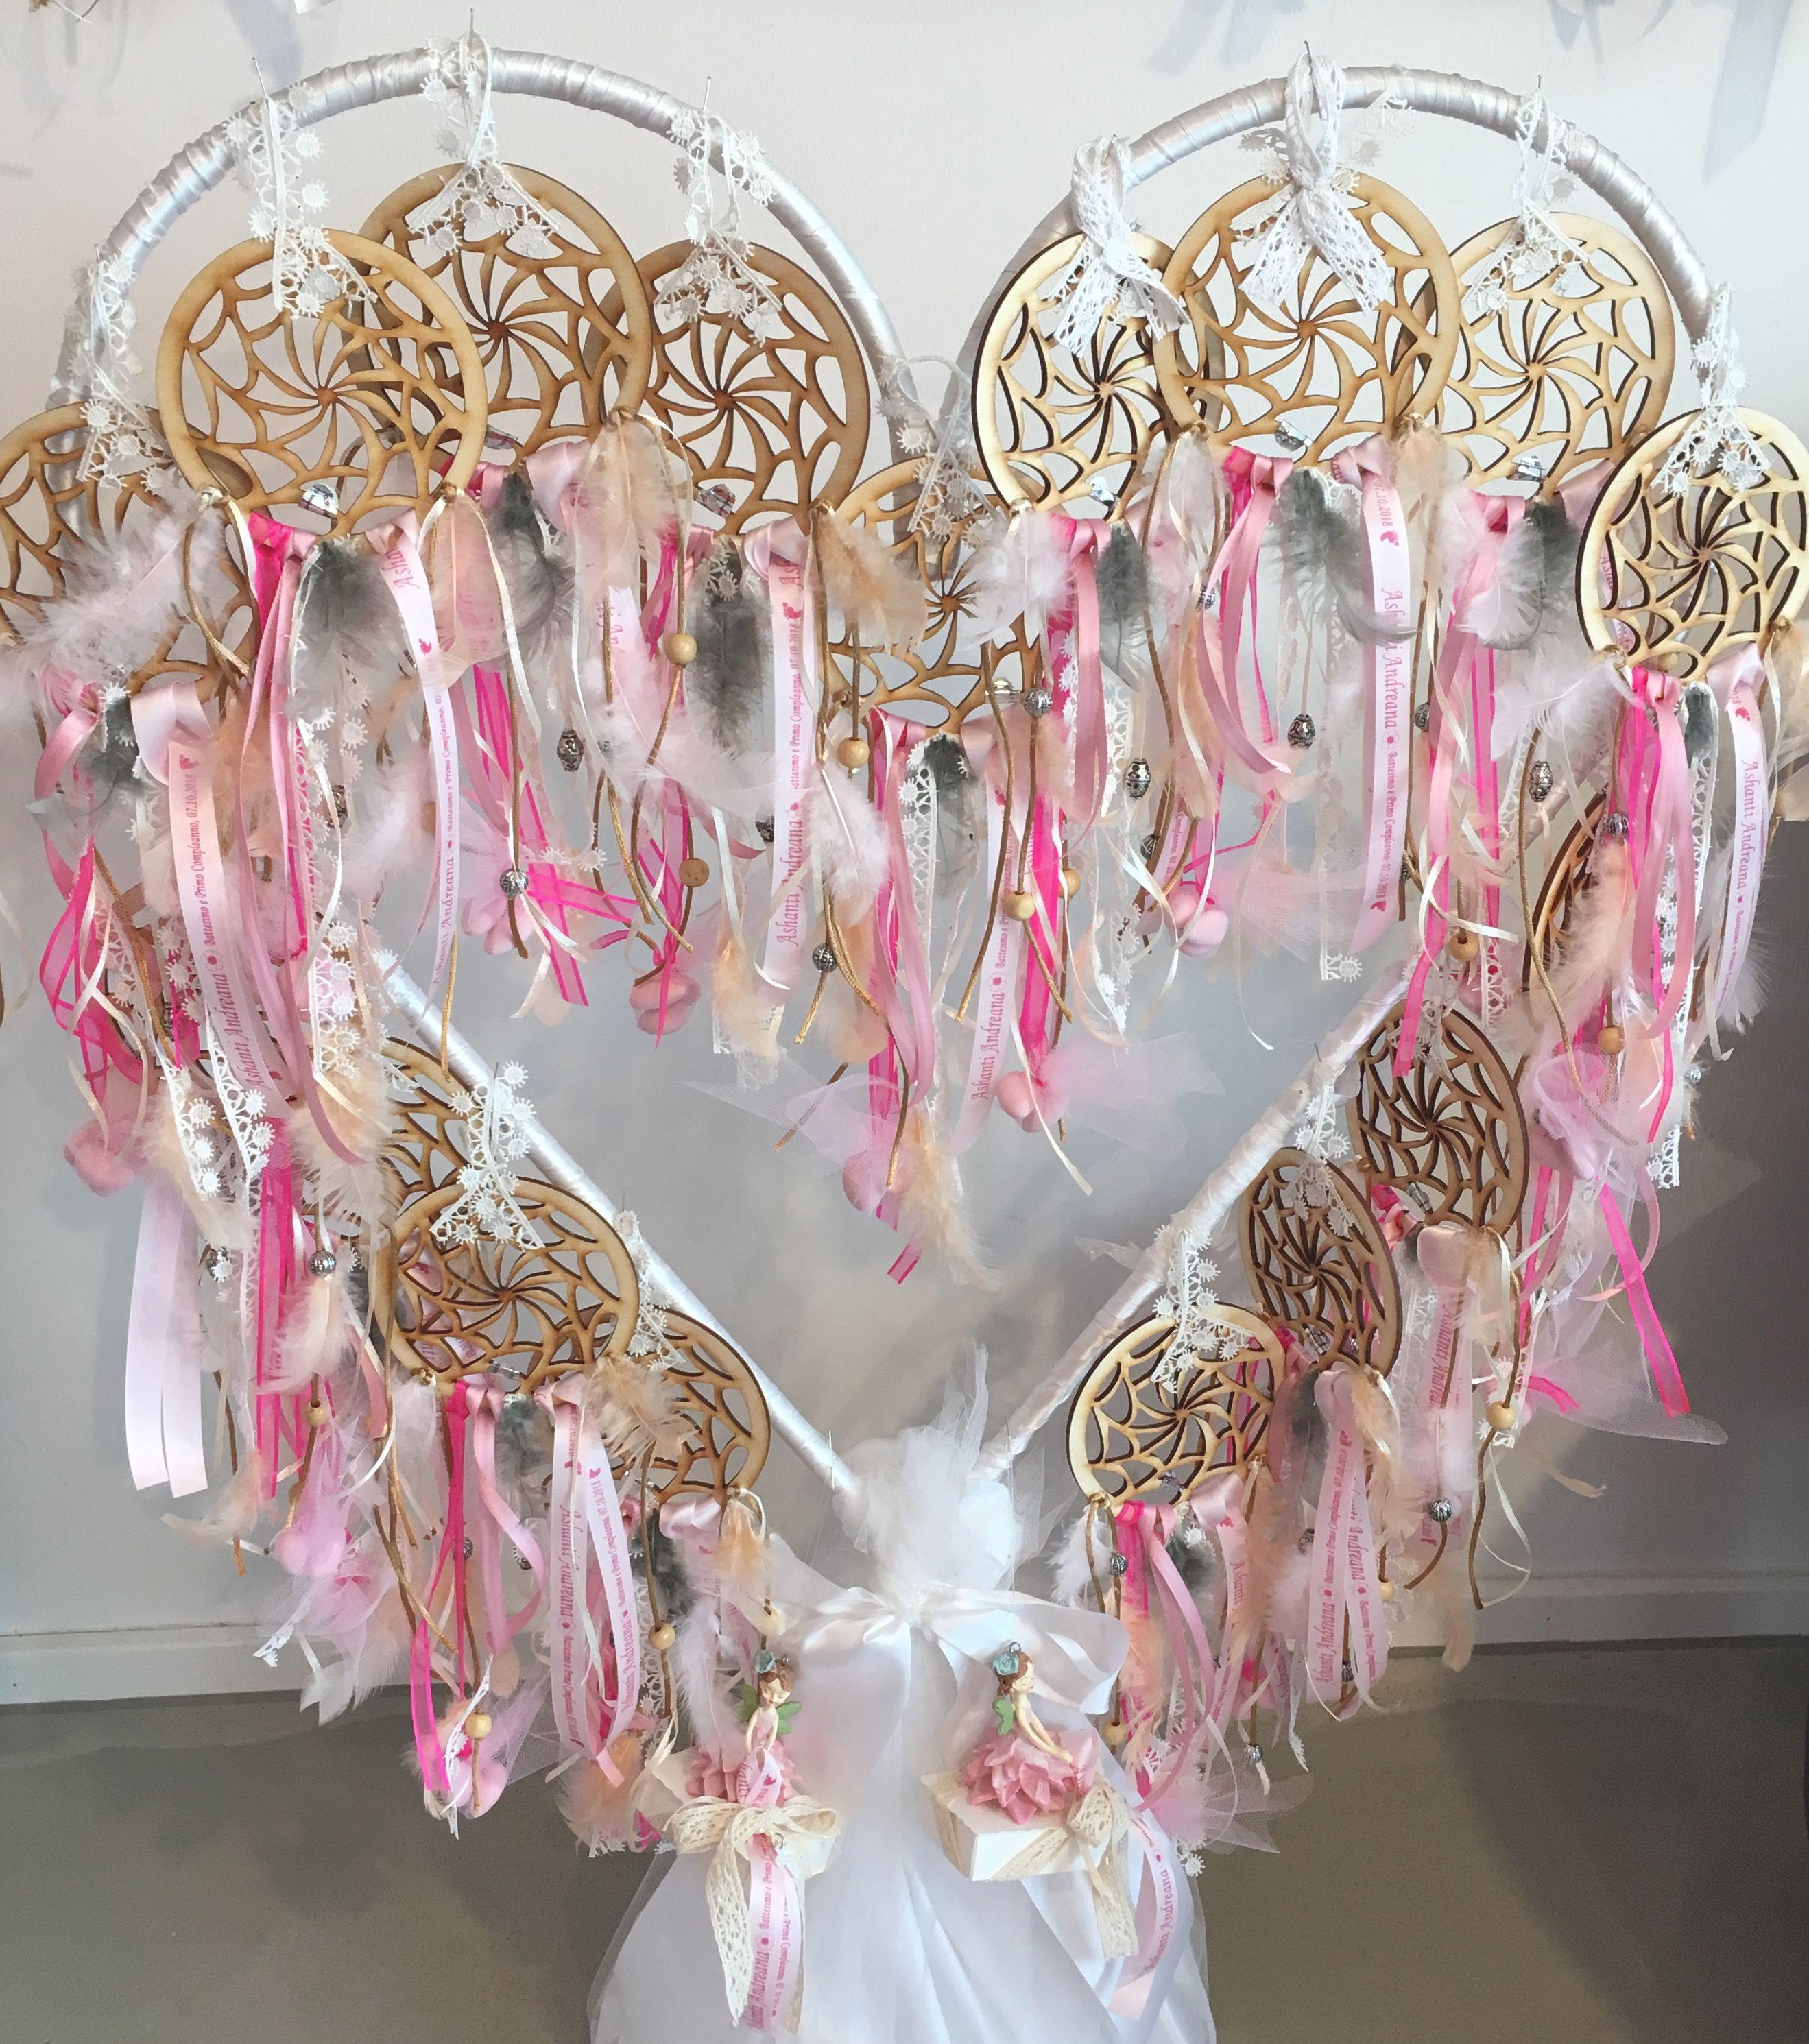 Tischdeko Tischdekoration BABY Taufe//Geburt 10 Schnuller rosa TRAUM!